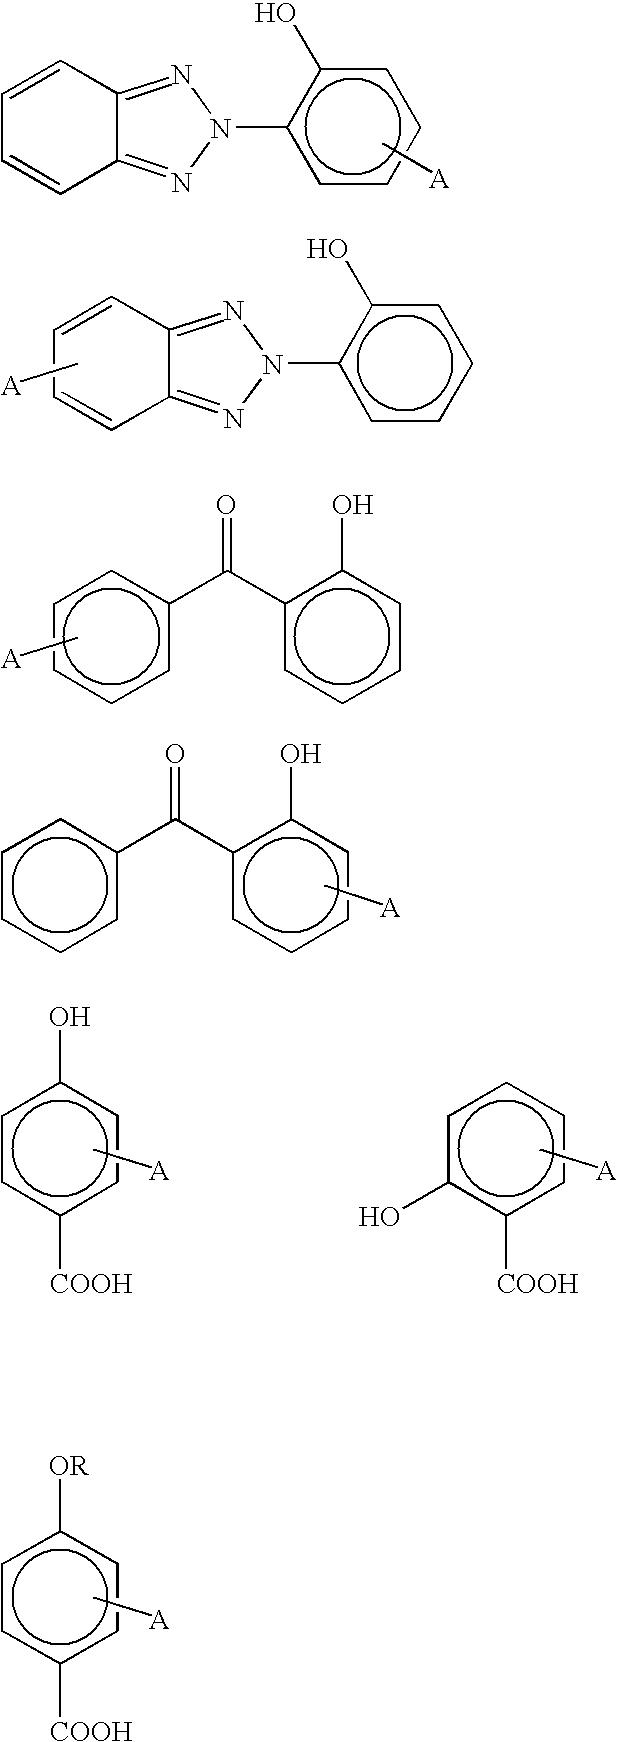 Figure US06803395-20041012-C00081